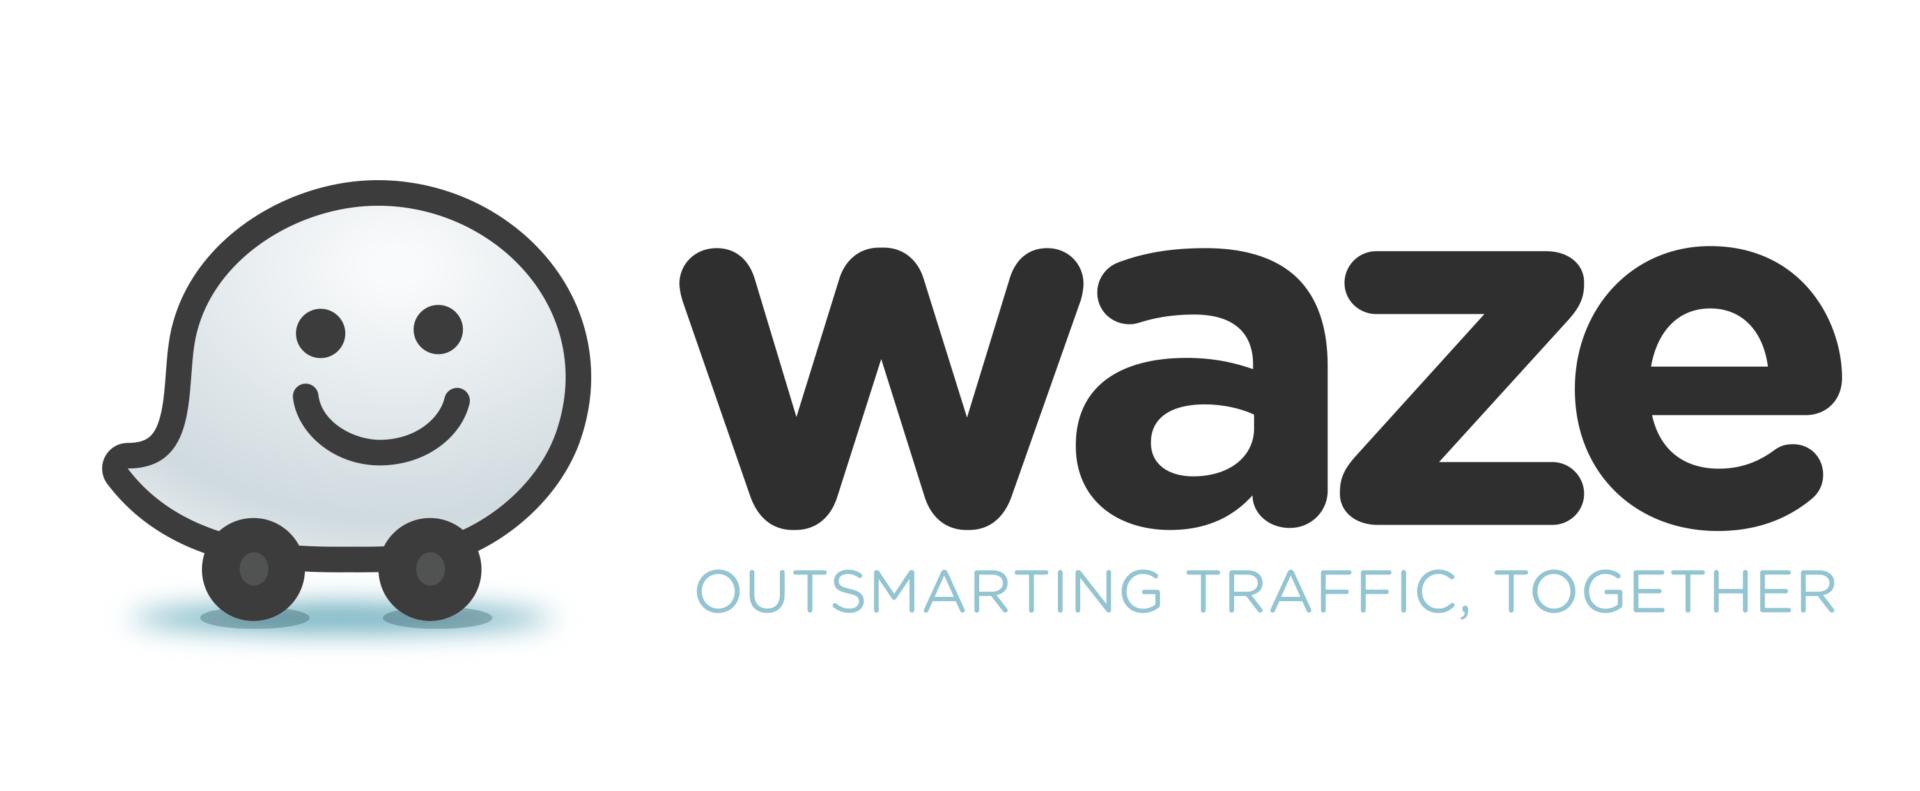 Polițiștii folosesc Waze pentru a-și ascunde radarele